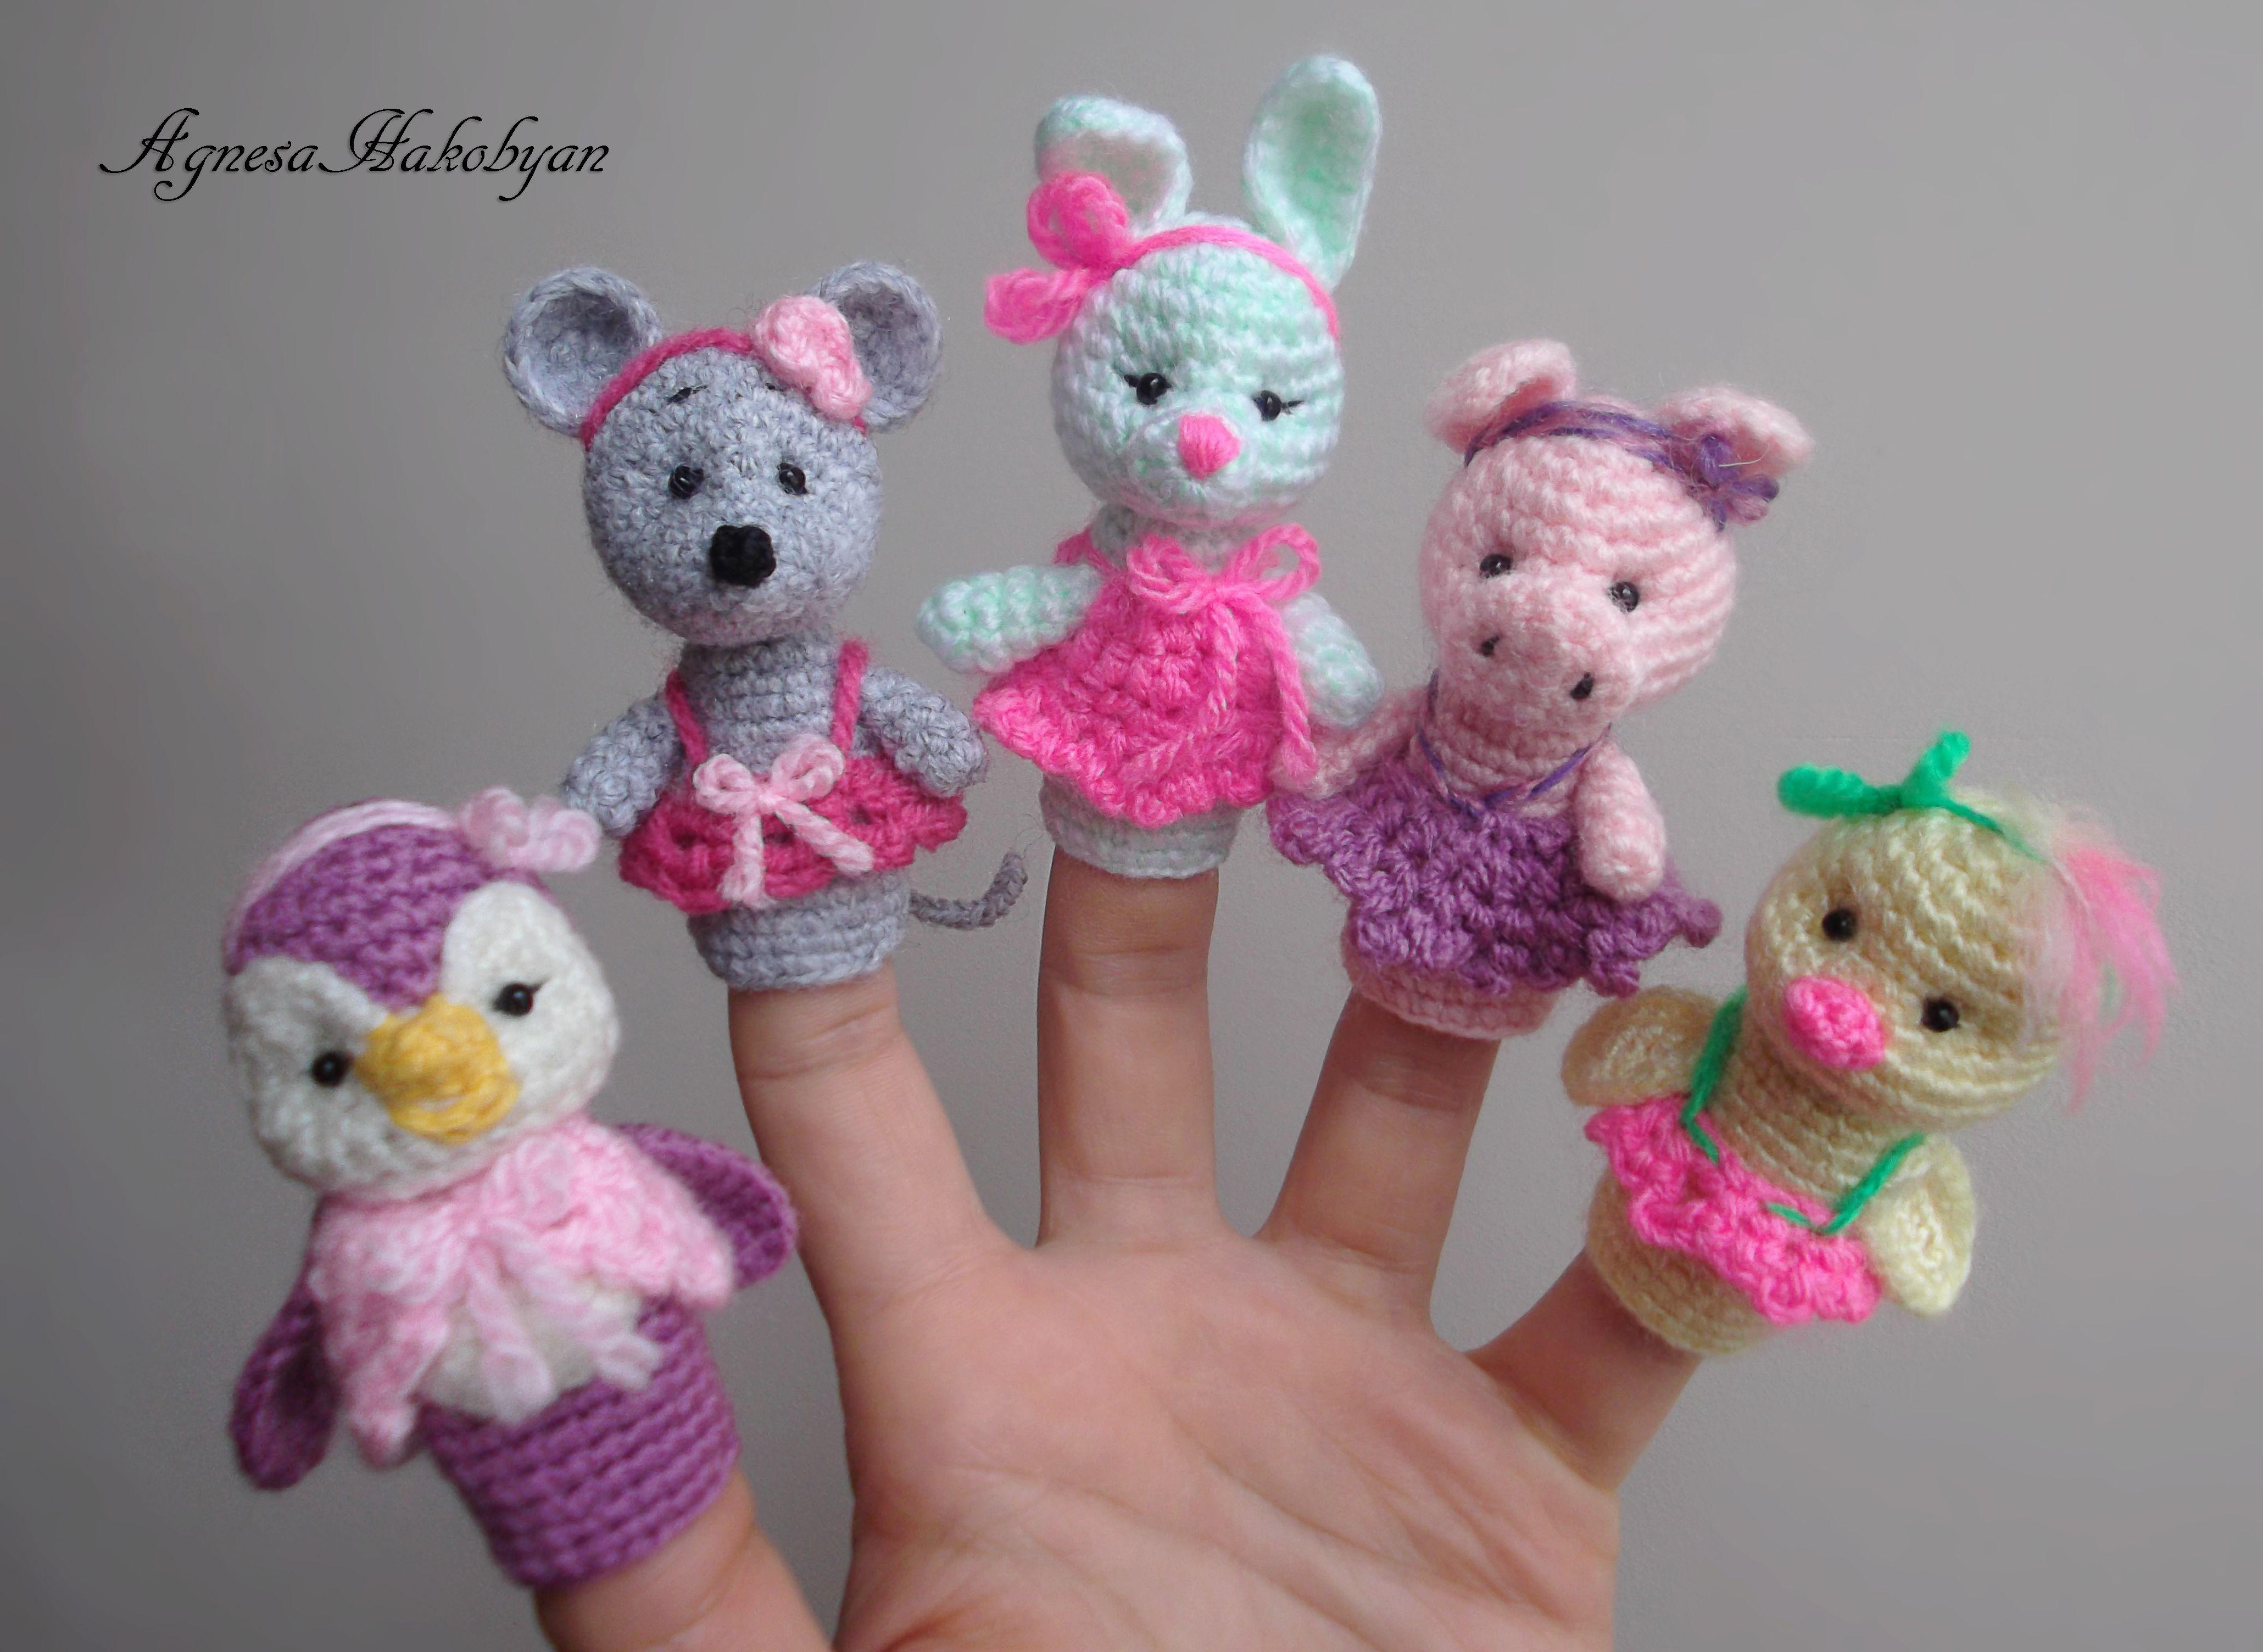 Crochet Finger Puppets Crochet Toys Pinterest Virka